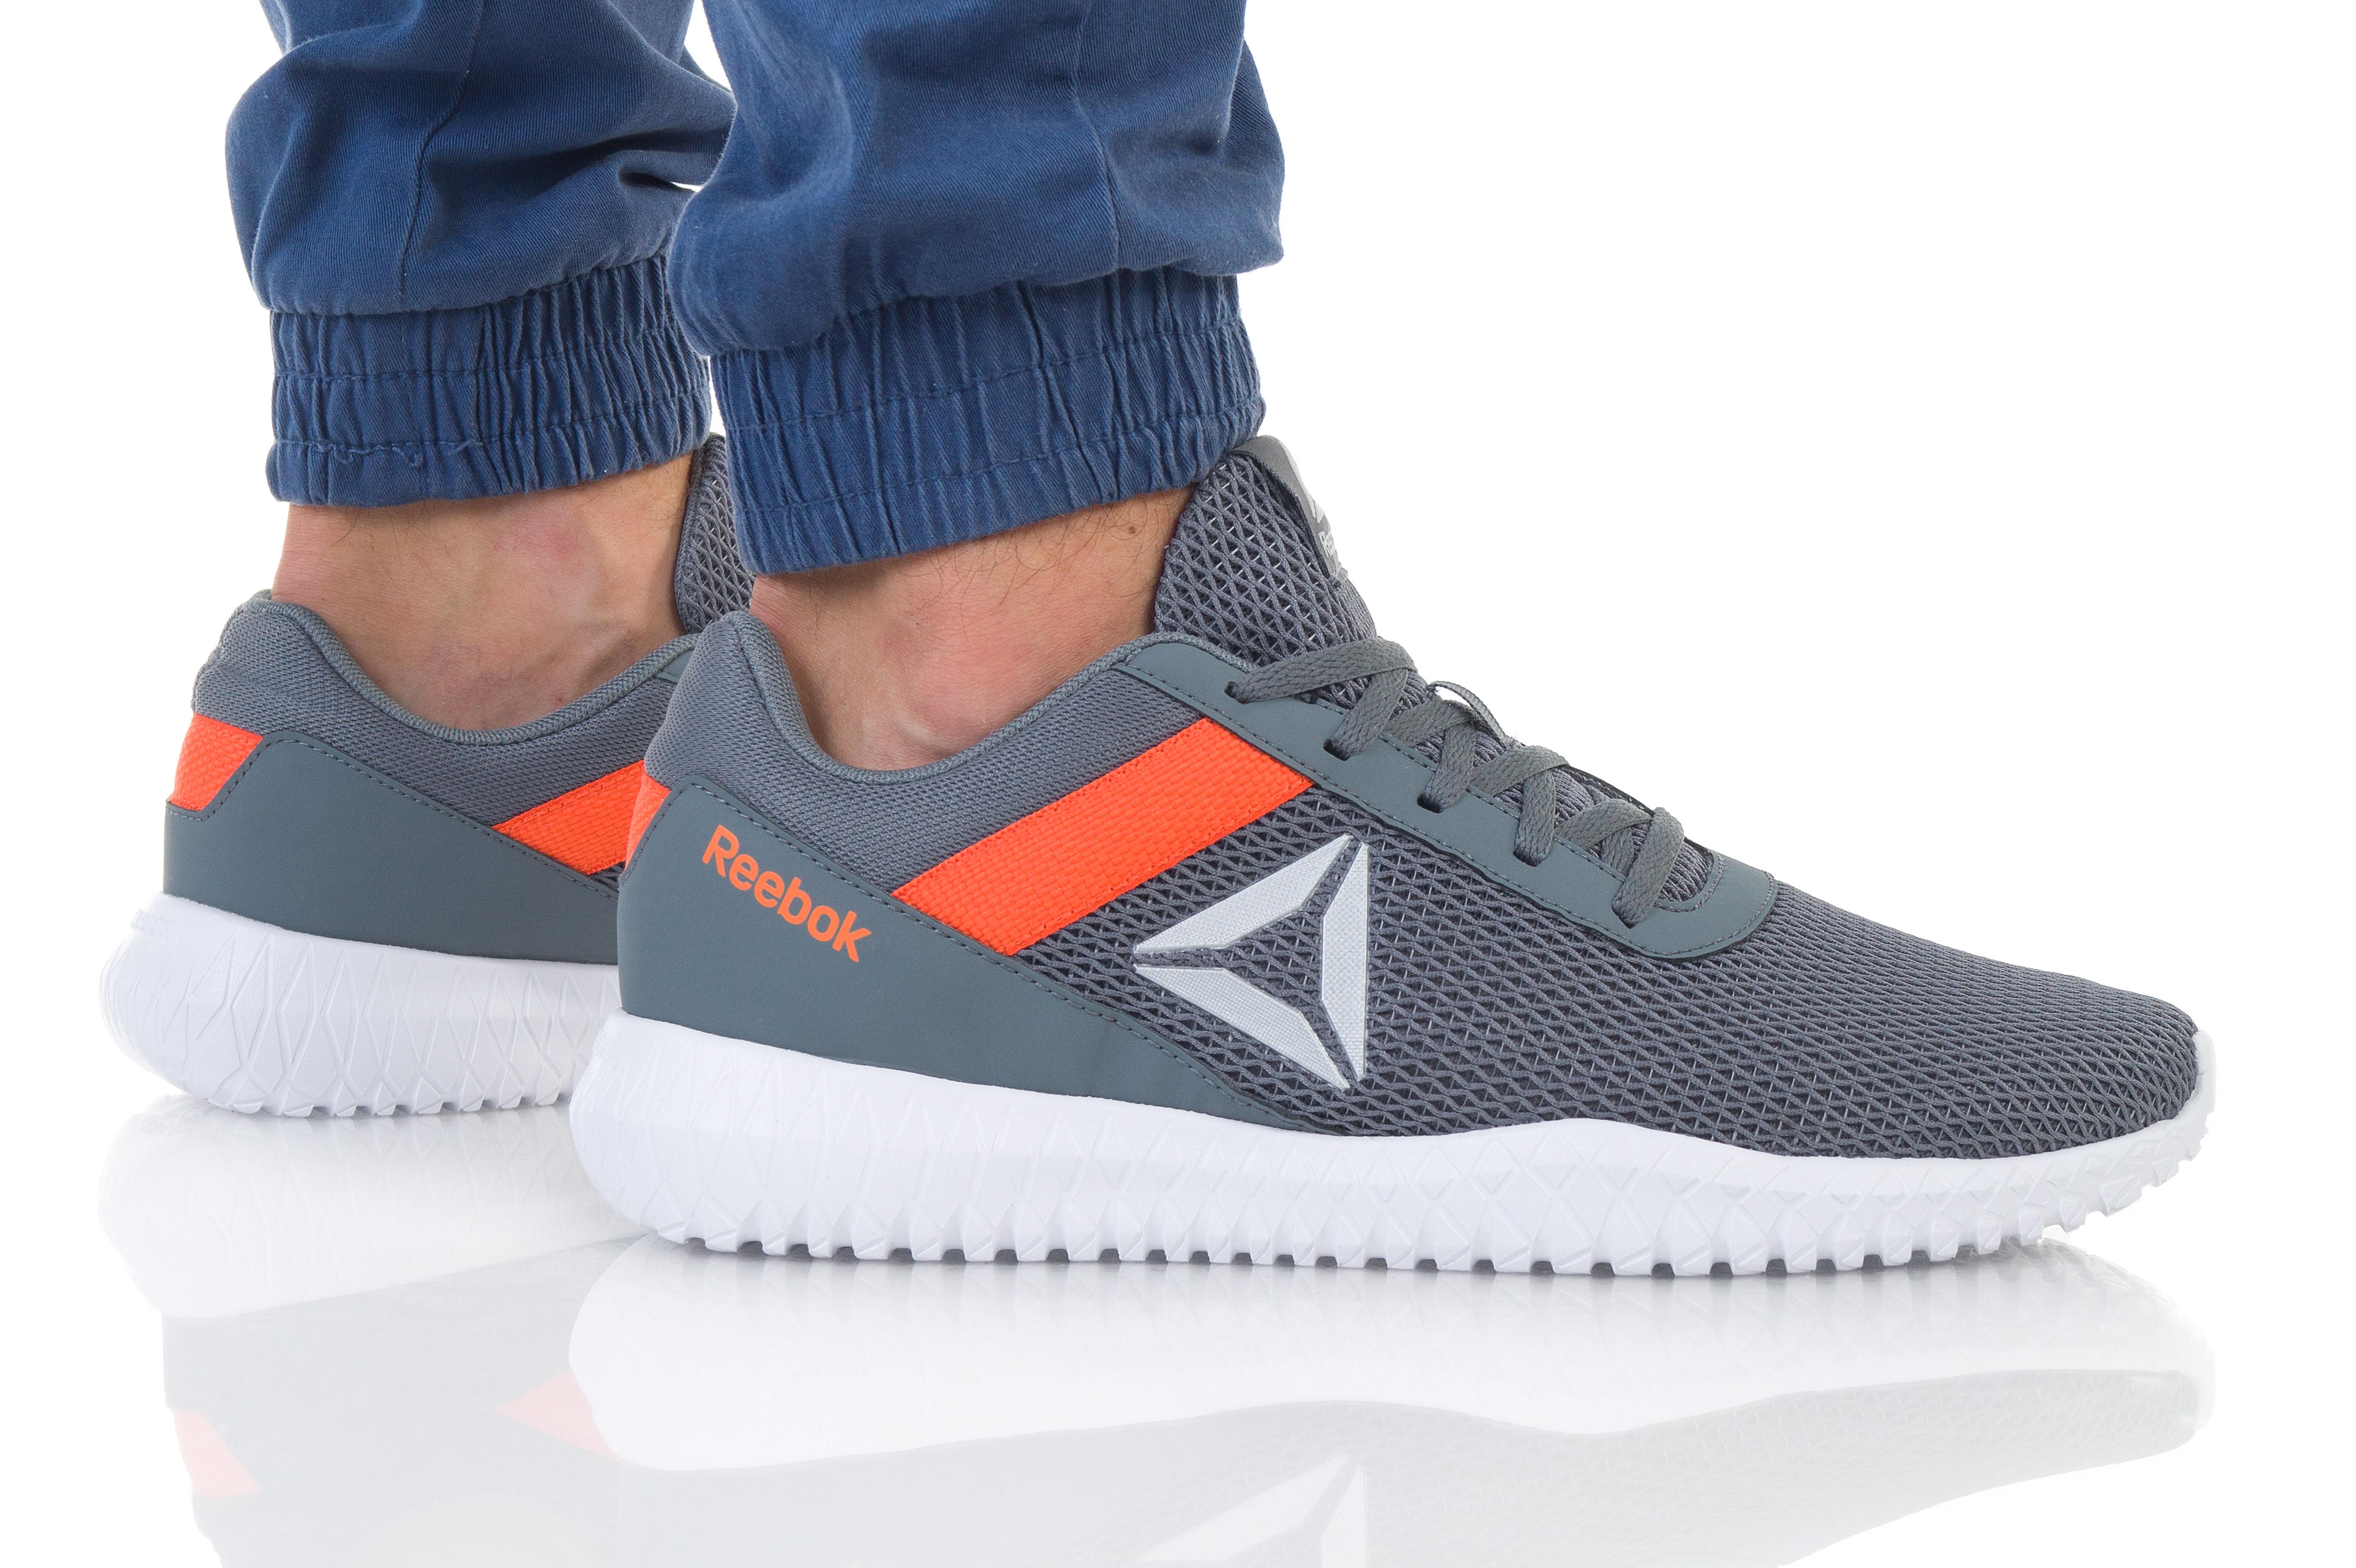 נעליים ריבוק לגברים Reebok Flexagon Energy TR - אפור/כתום